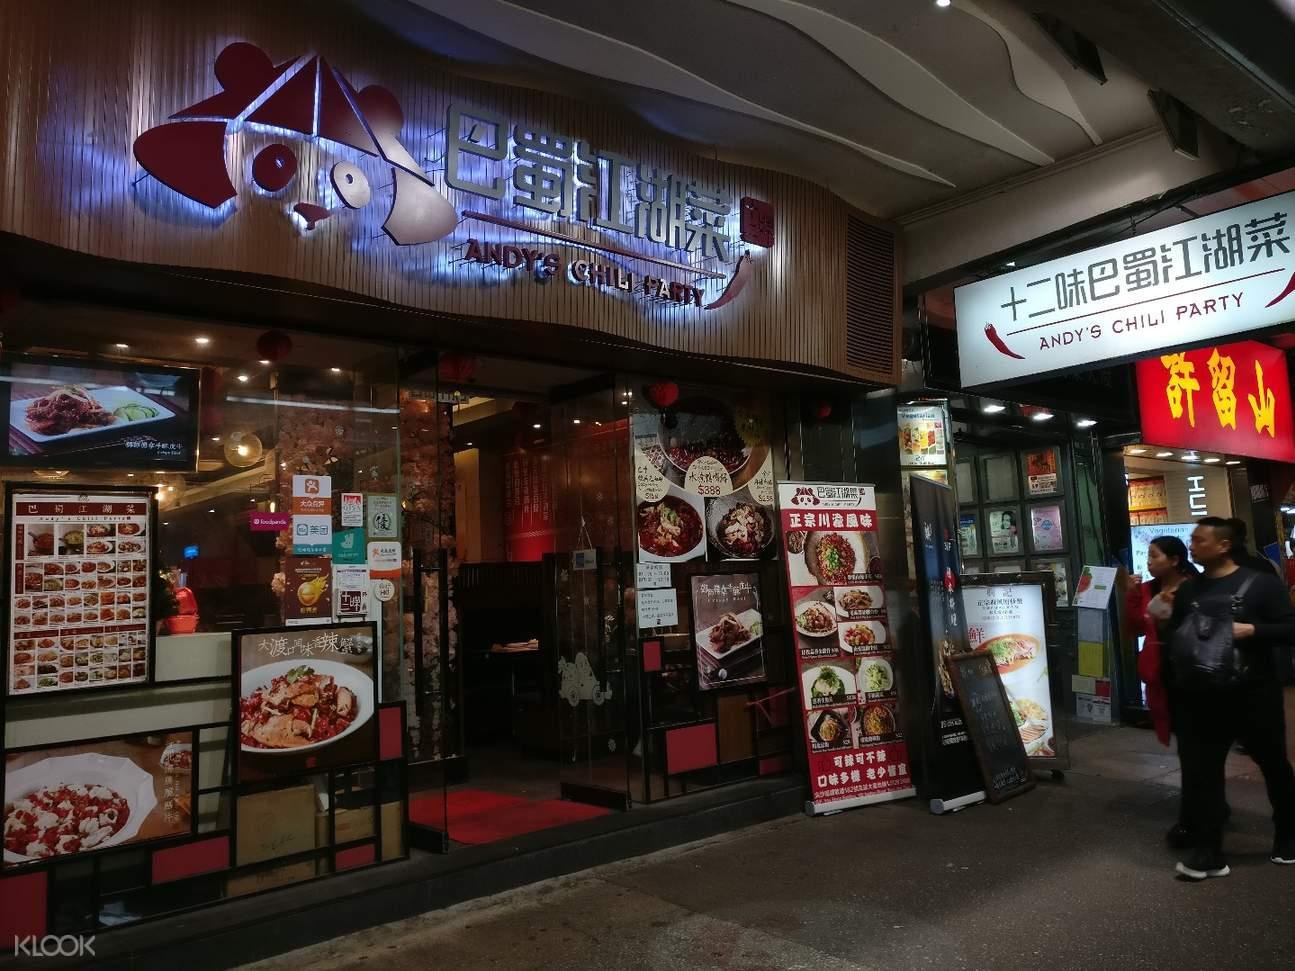 香港尖沙咀十二味巴蜀江湖菜